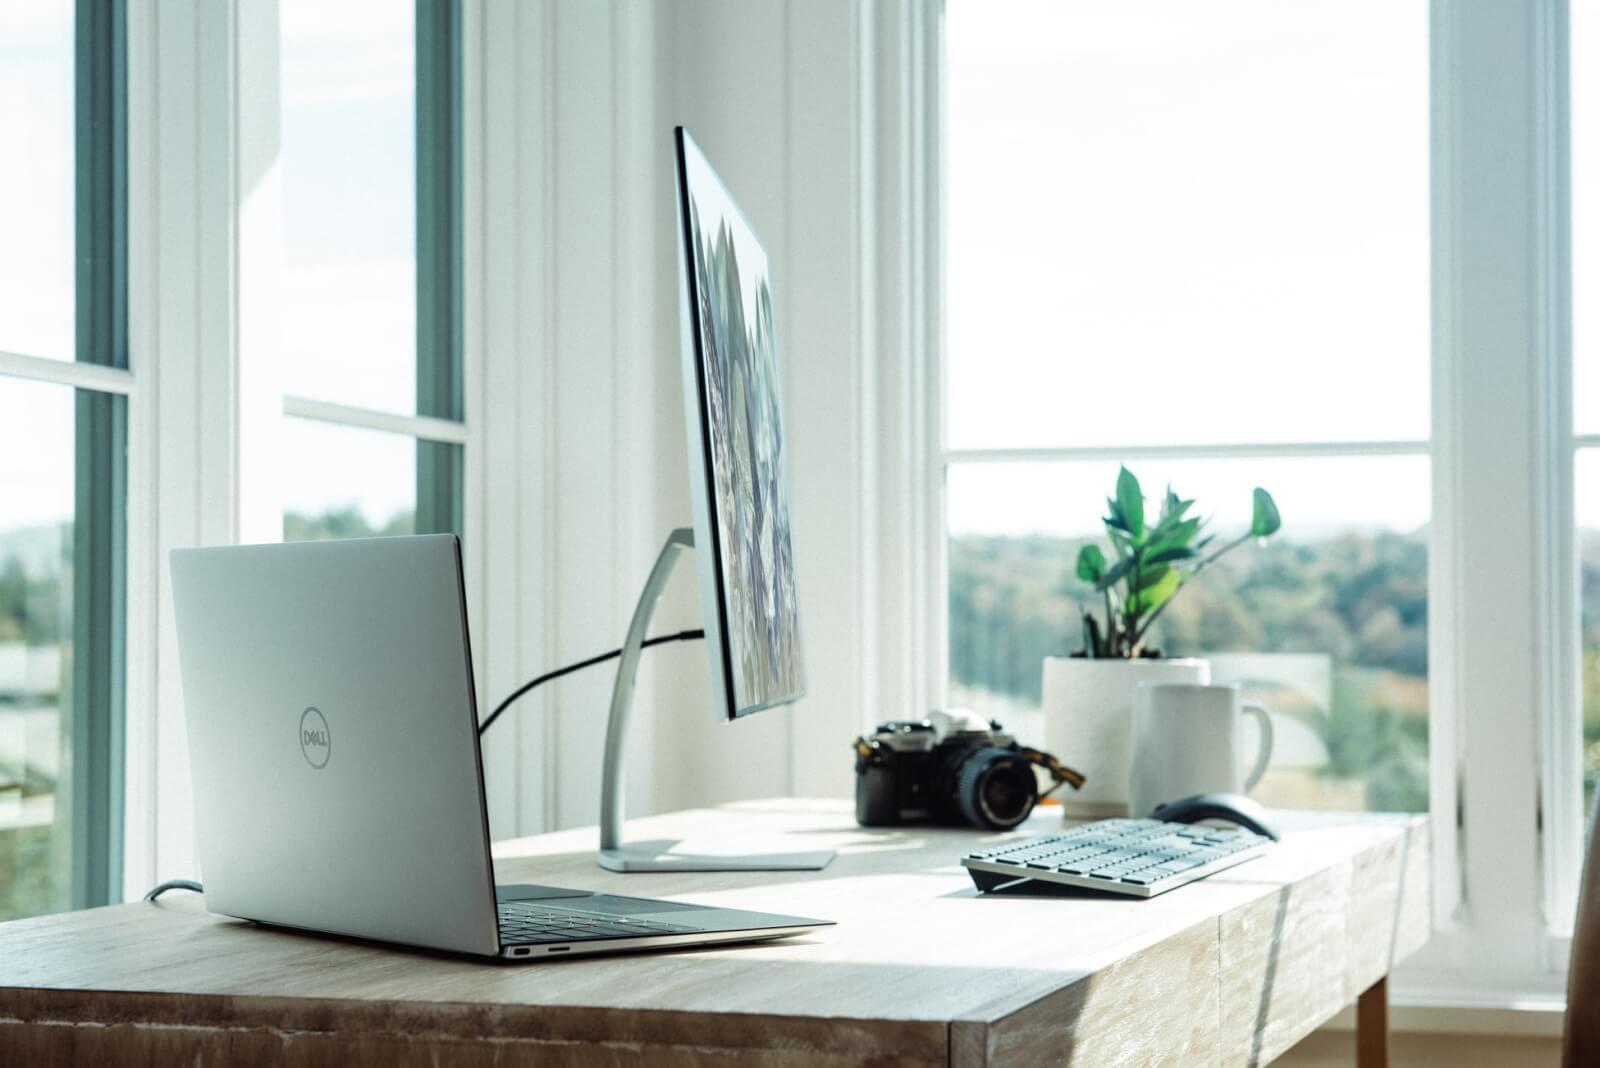 Desk with design laptop and desktop